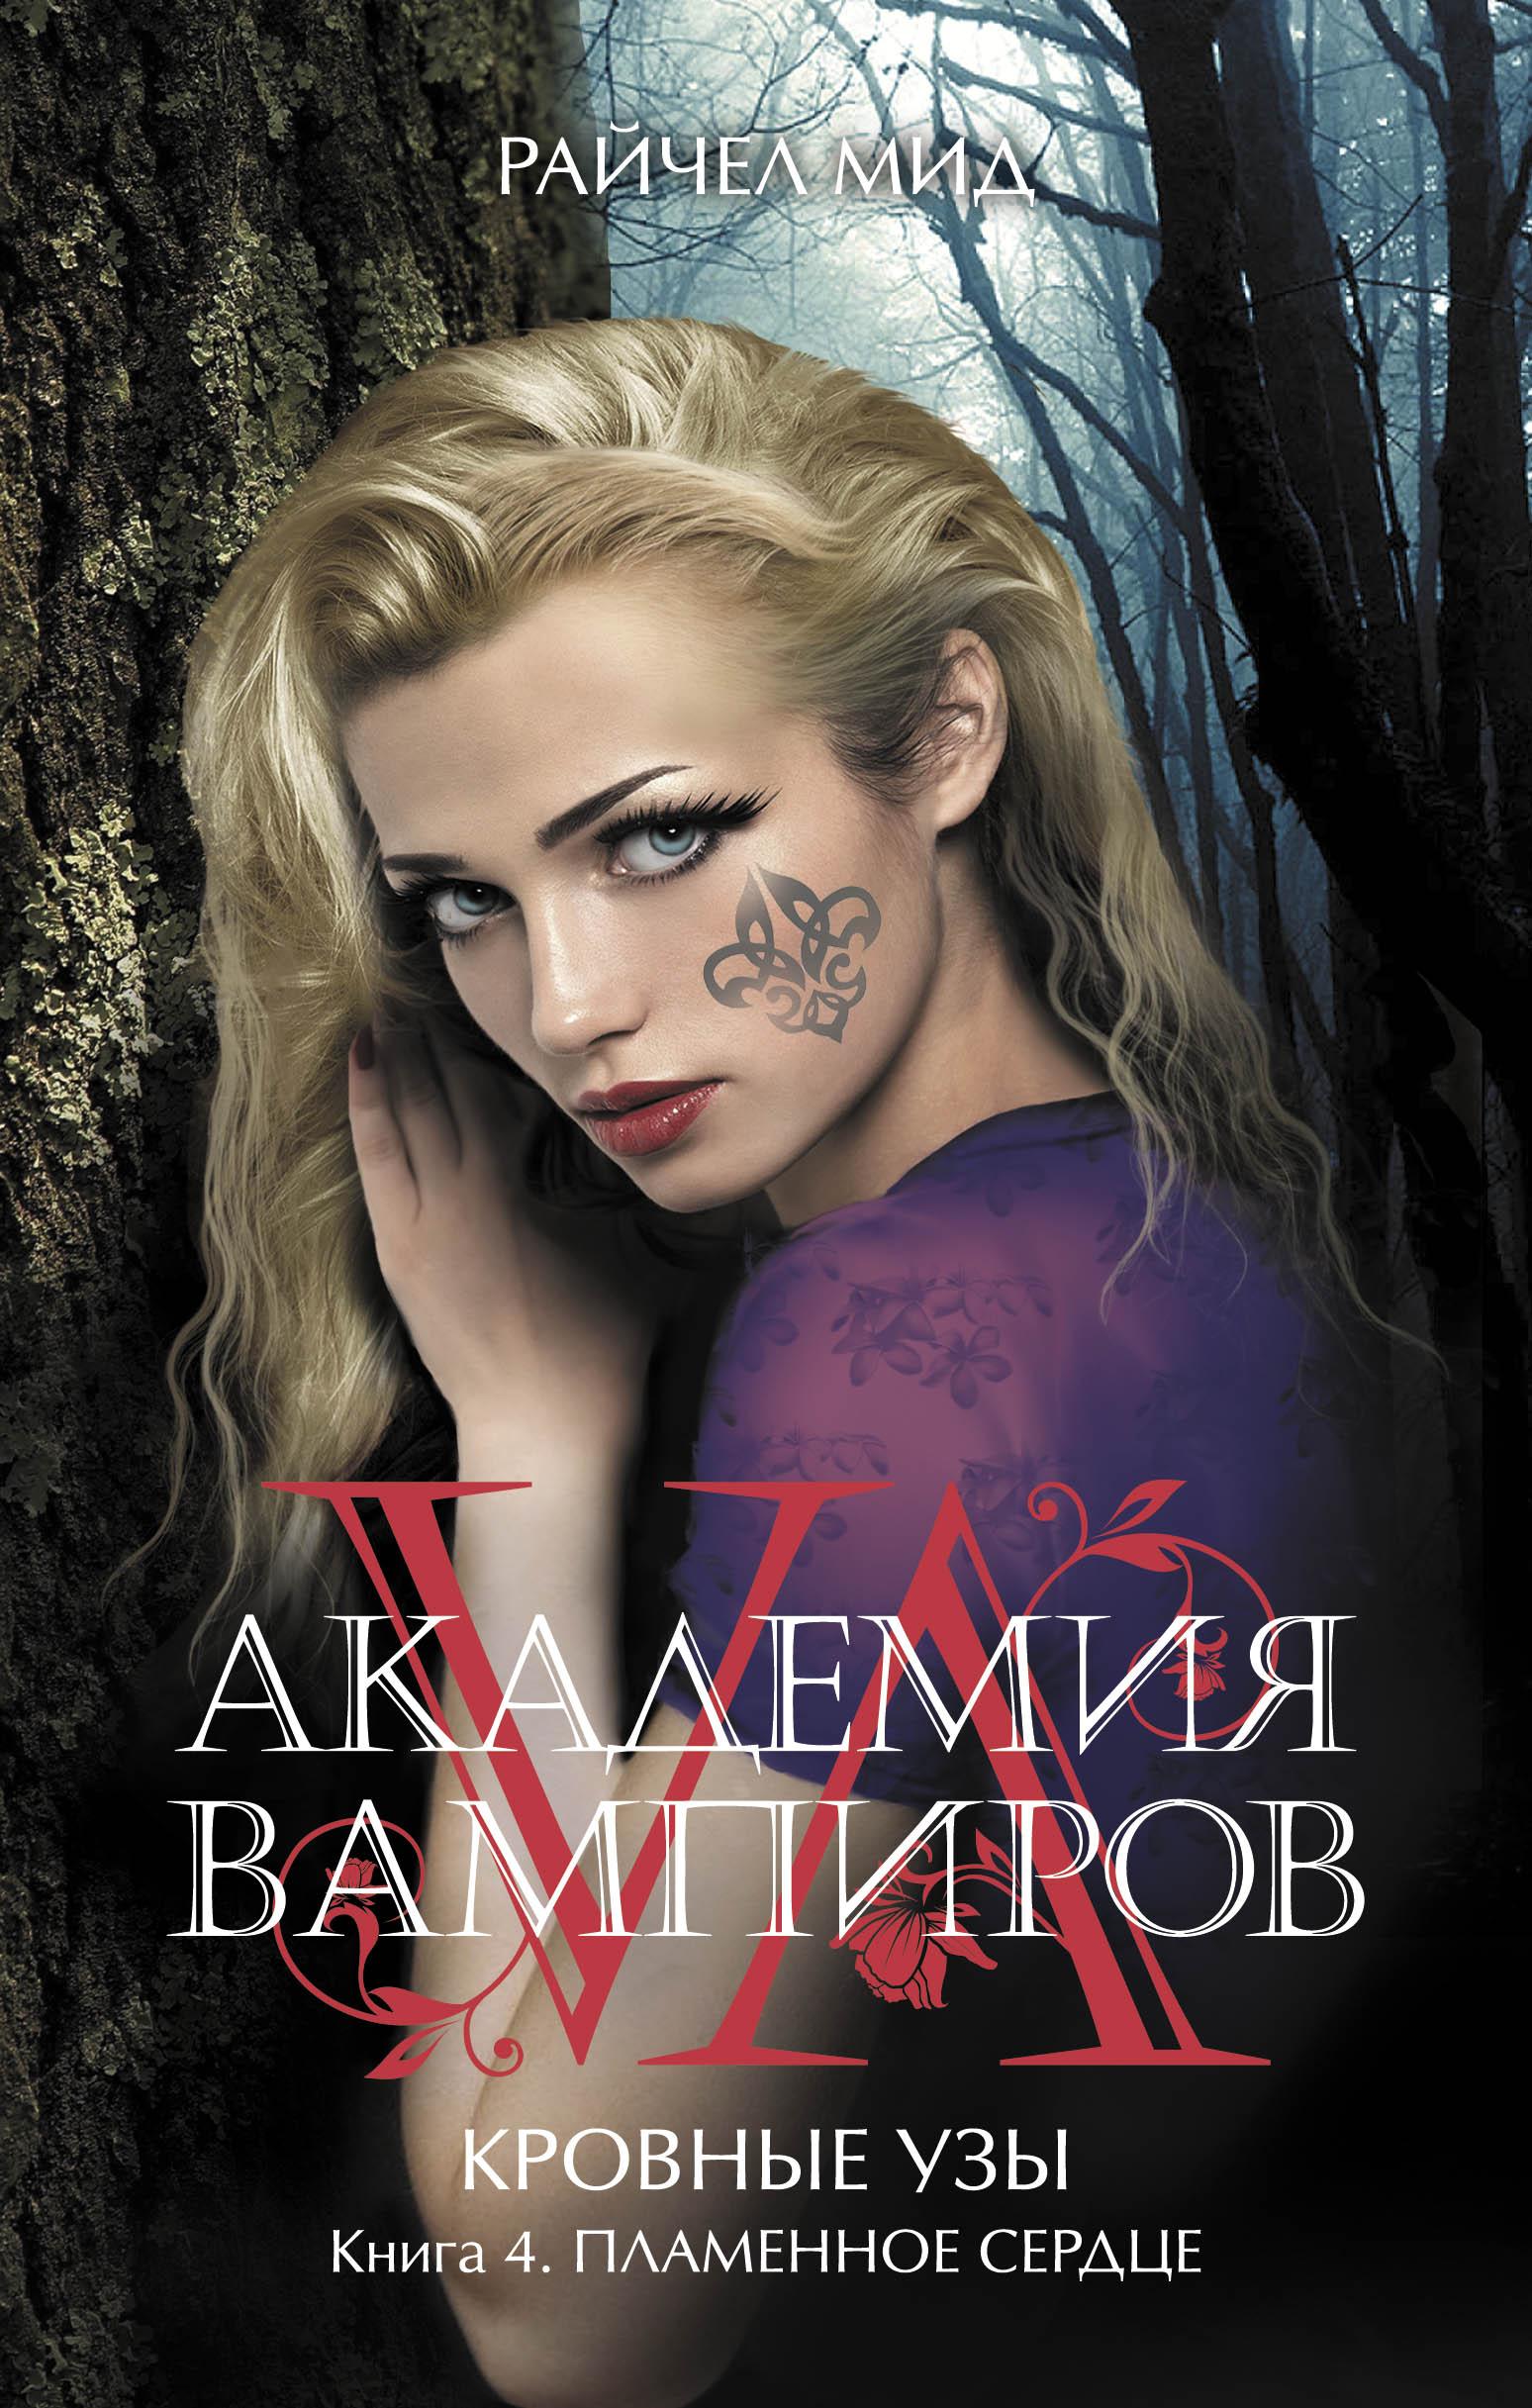 Морганвилльские вампиры fb2 скачать